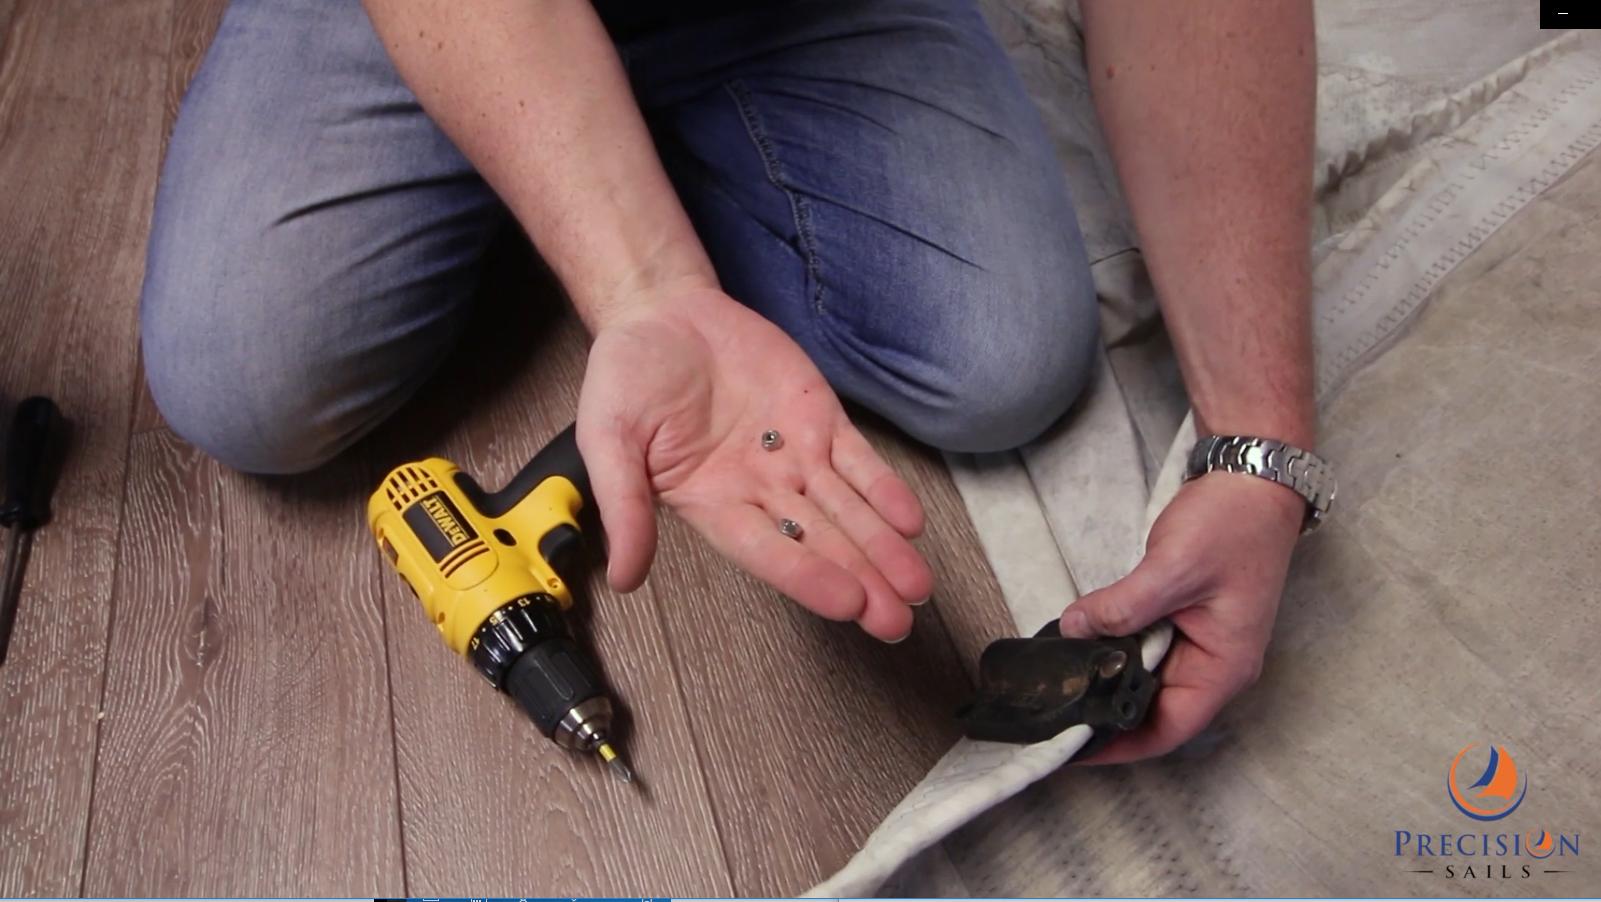 how to install harken batten recepitcal